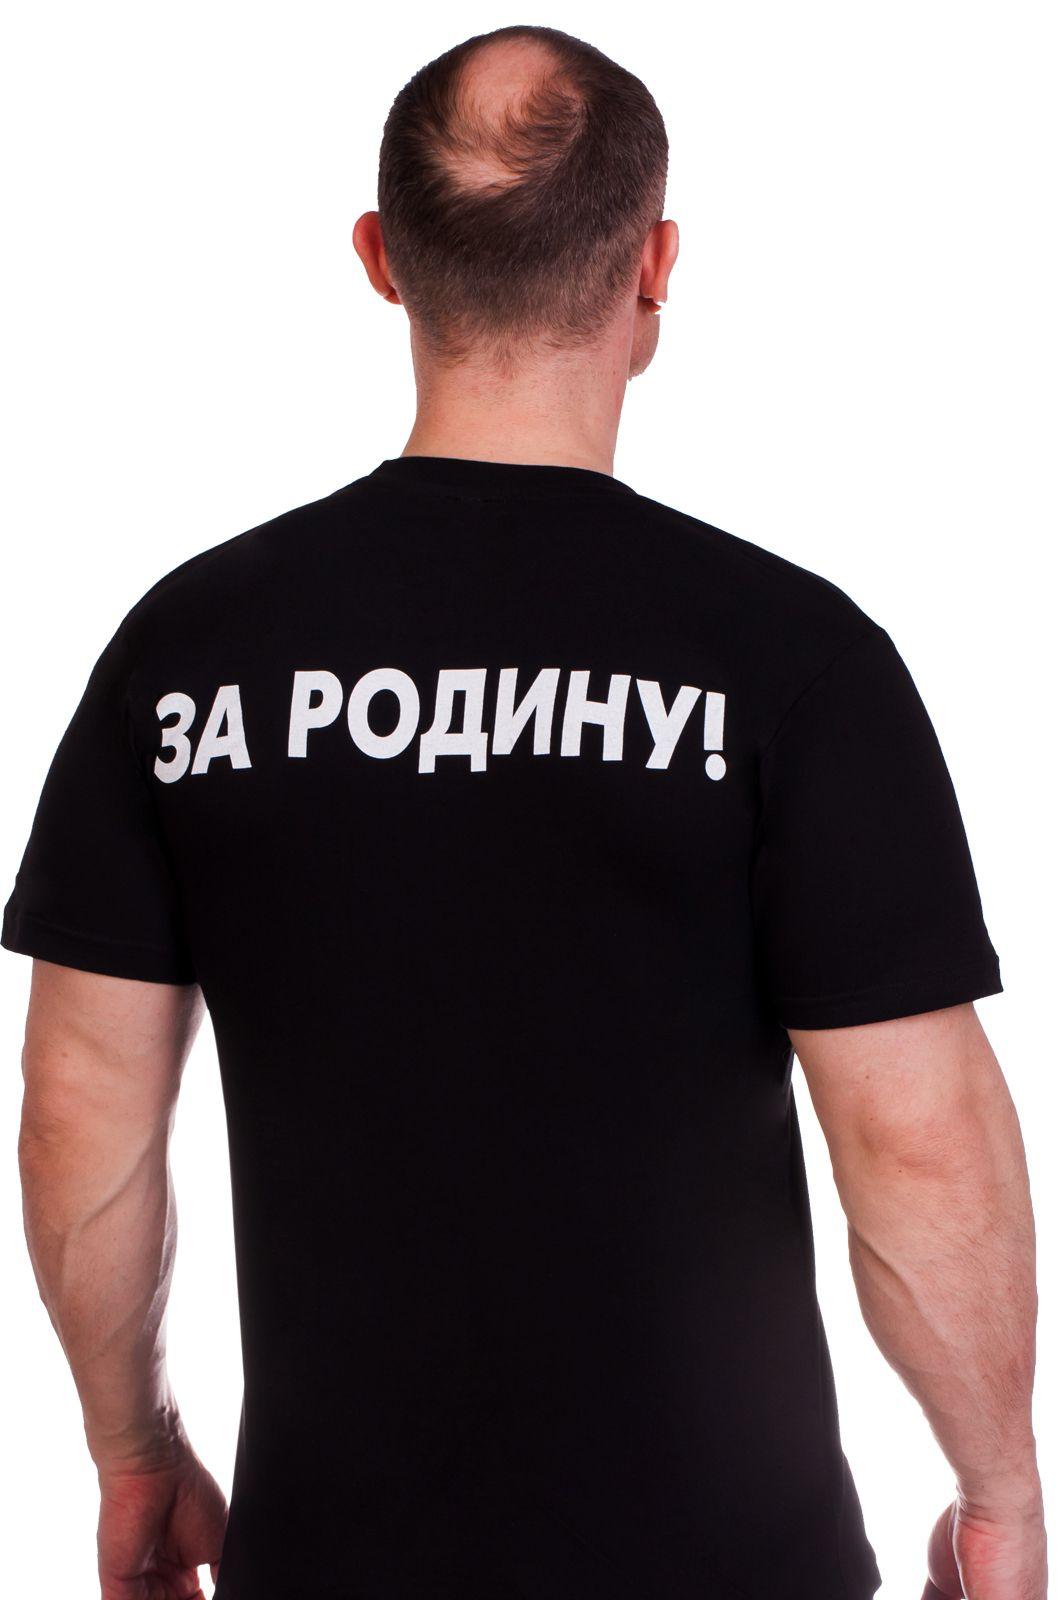 """Футболка """"За Победу"""" по выгодной цене"""